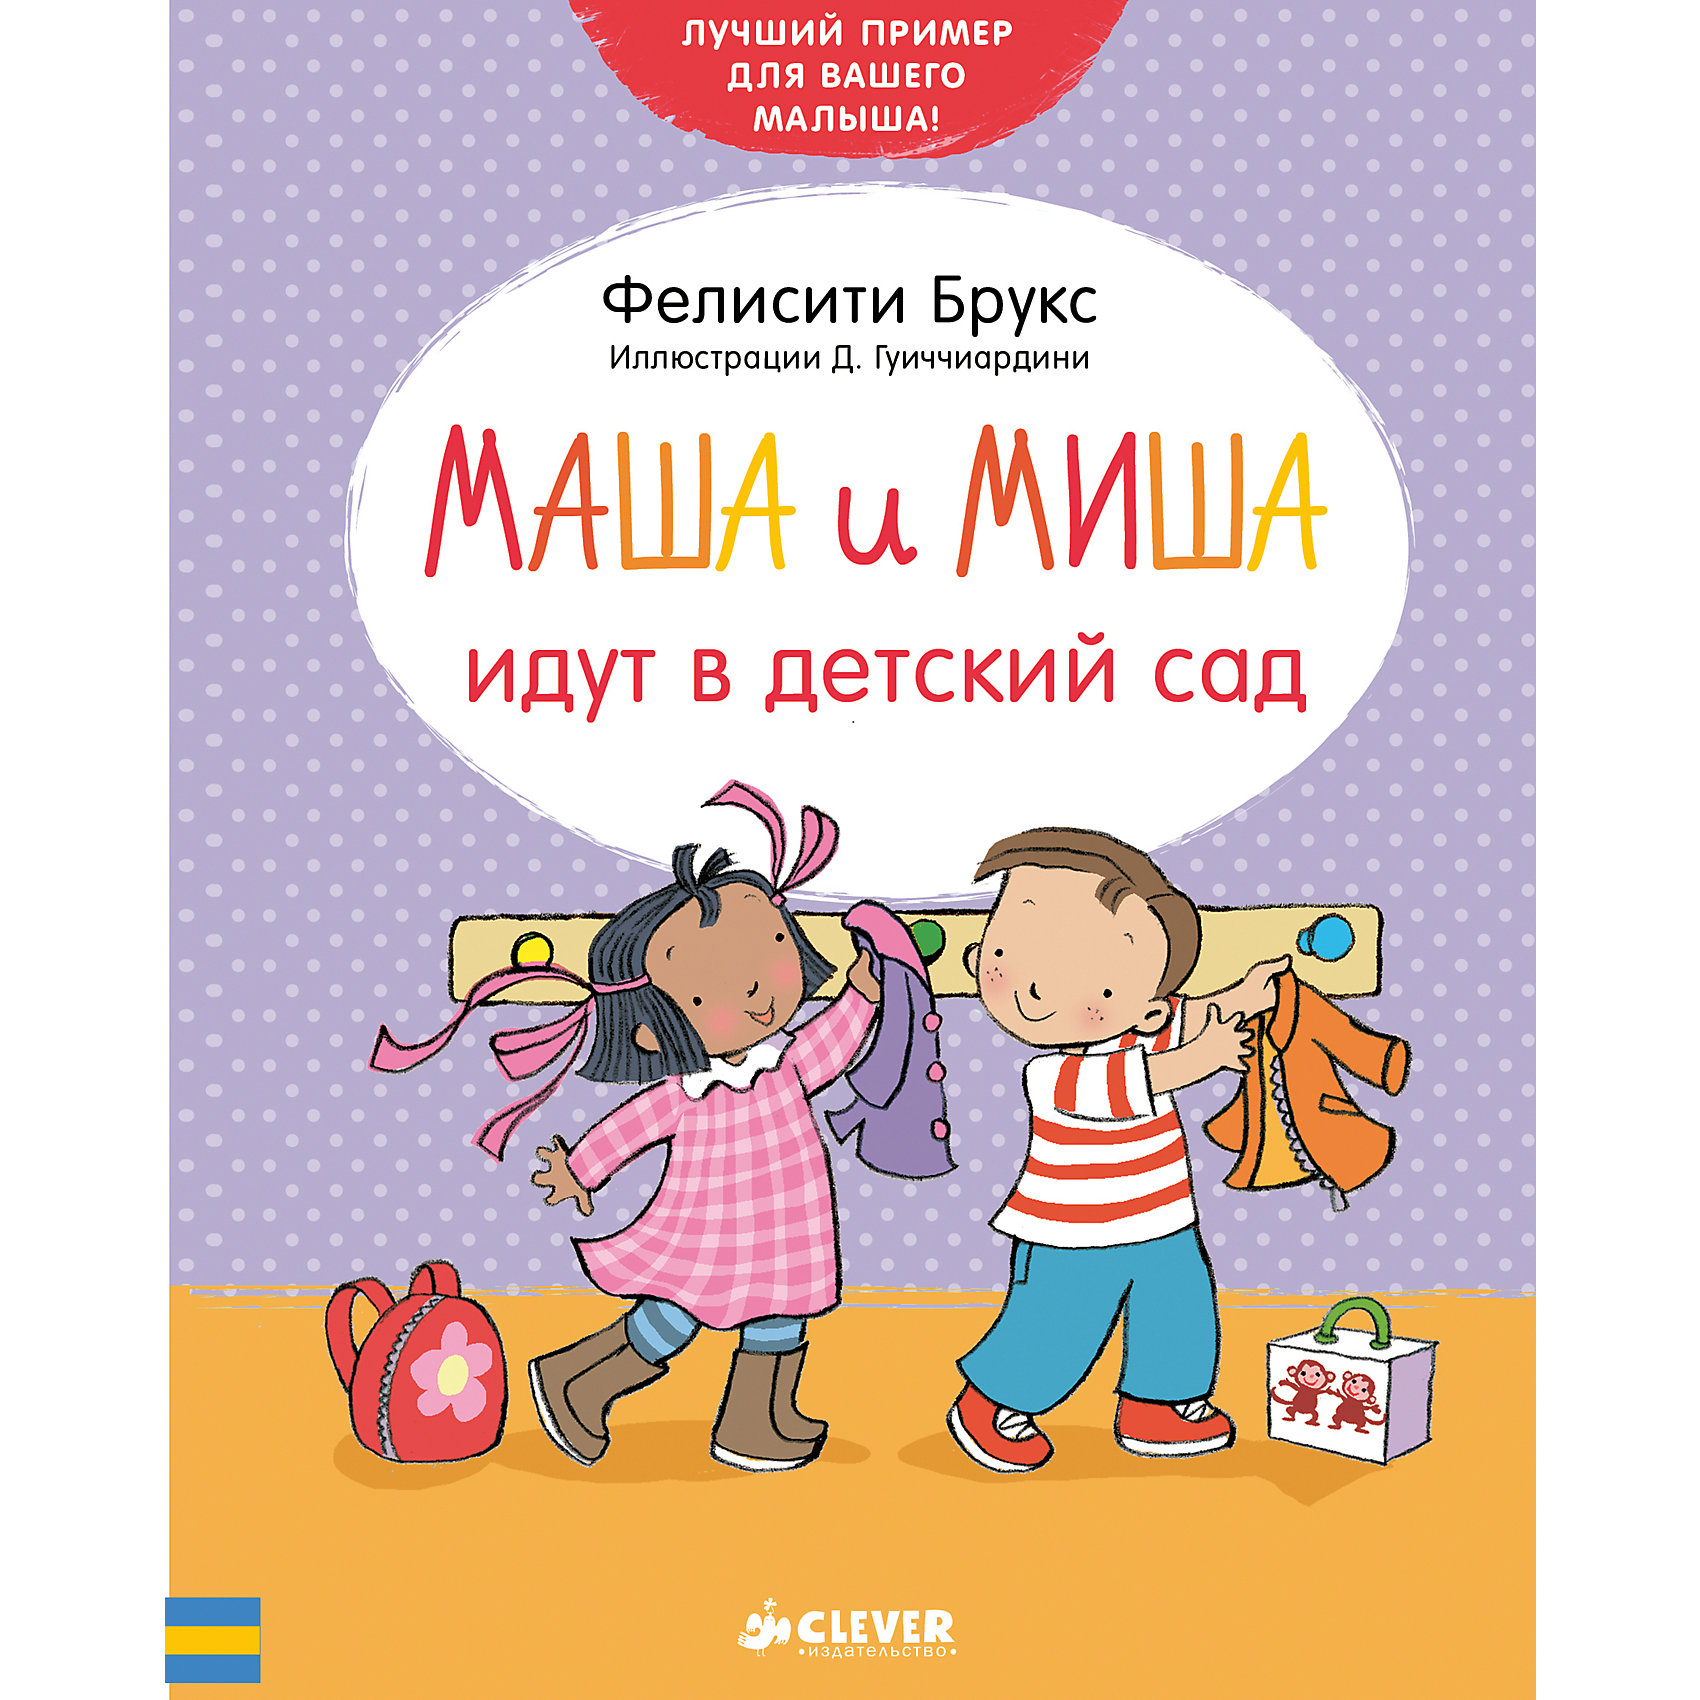 Маша и Миша идут в детский сад, Ф. БруксДетская психология и здоровье<br>Маша и Миша идут в детский сад, Ф. Брукс<br><br>Характеристики:<br><br>• ISBN: 978-5-906899-11-8<br>• Кол-во страниц:32<br>• Возраст: от 1 до 3 лет <br>• Формат: а4<br>• Размер книги: 196x158x9 мм<br>• Бумага: офсет<br>• Вес: 205 г<br>• Обложка: мягкая<br><br>Эта добрая книжка расскажет ребенку историю о двух веселых друзьях – Маше и Мише, которые впервые пошли в детский сад. Читая эта книгу, дети смогут проассоциировать себя с персонажами истории и избавиться от страха перед целым днем в саду без родителей. Серия этих книг учит детей аккуратности и вежливости в понятной для малышей форме.<br><br>Маша и Миша идут в детский сад, Ф. Брукс можно купить в нашем интернет-магазине.<br><br>Ширина мм: 190<br>Глубина мм: 150<br>Высота мм: 8<br>Вес г: 205<br>Возраст от месяцев: 0<br>Возраст до месяцев: 36<br>Пол: Унисекс<br>Возраст: Детский<br>SKU: 5377815